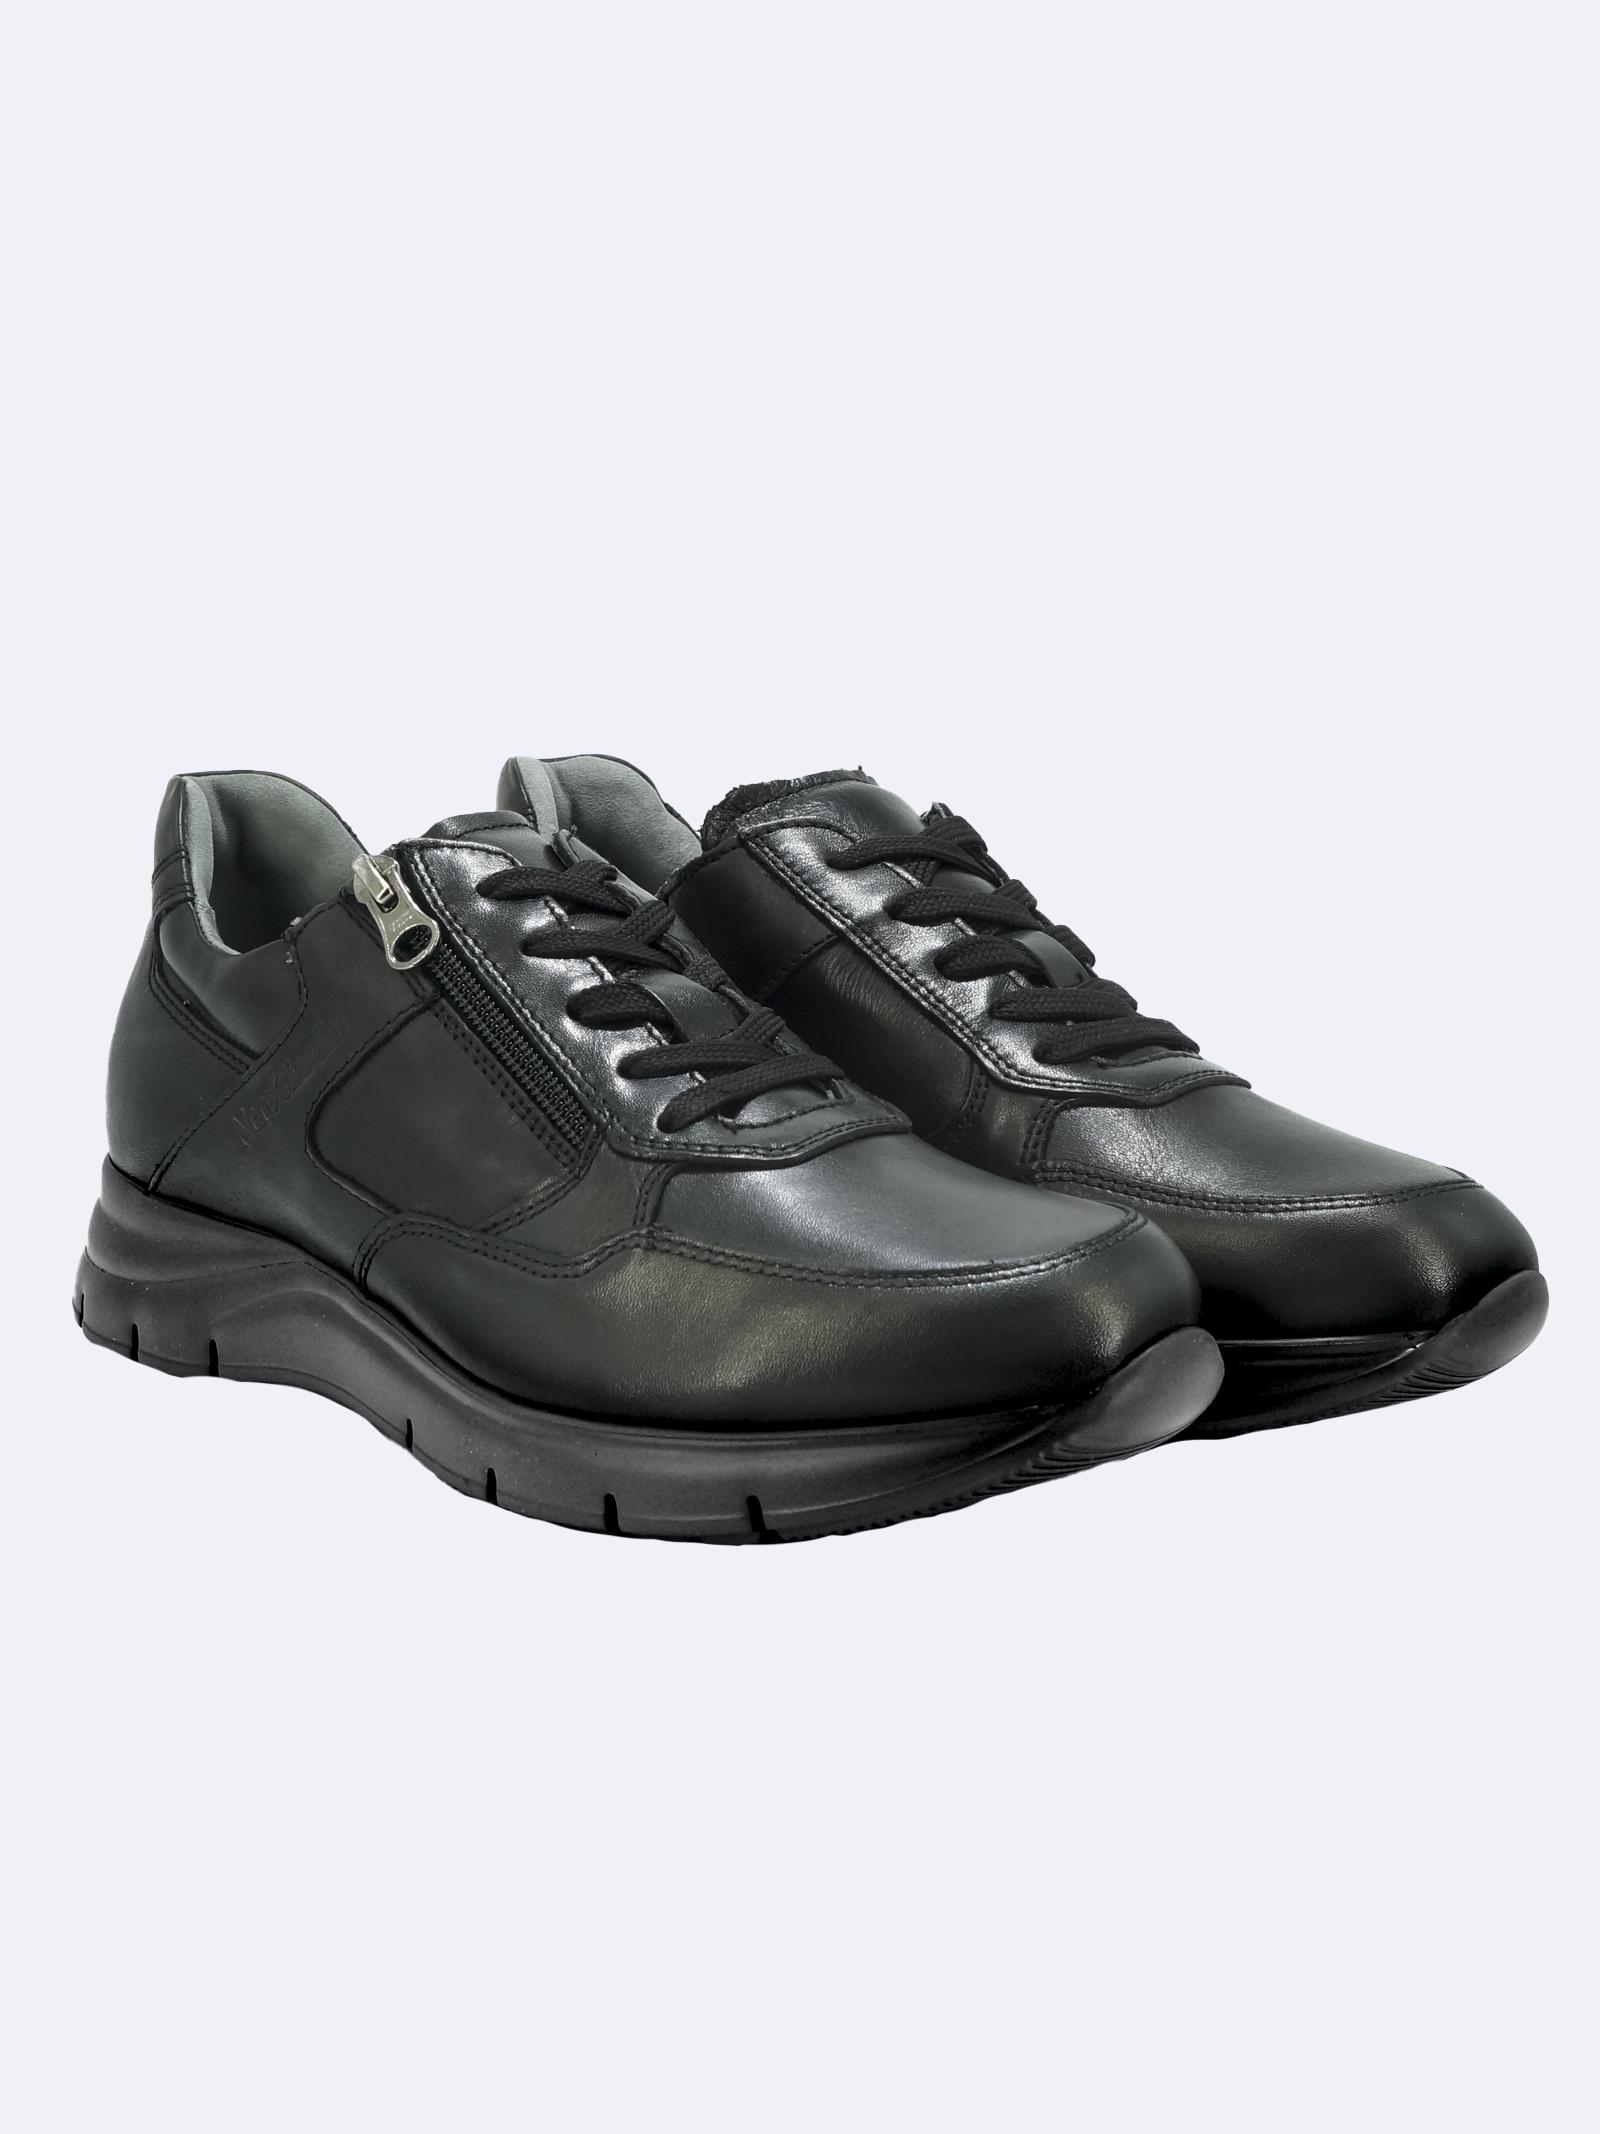 Sneakers Uomo in Pelle Nera con Lacci e Zip Nero Giardini   Sneakers   I102153UNERO100